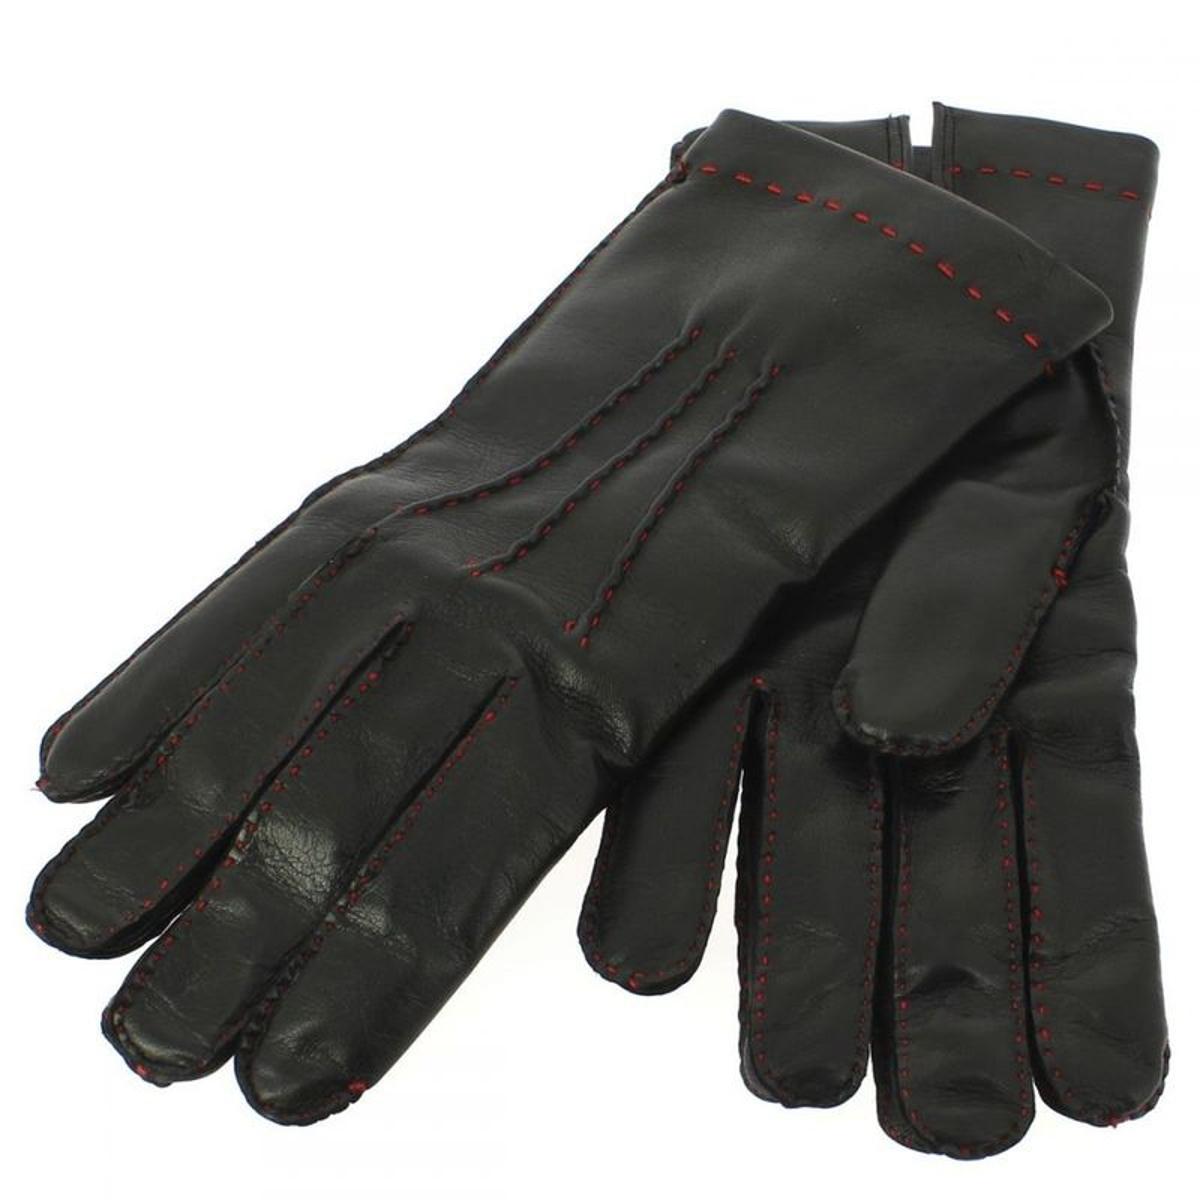 Gant cuir noir Luxe, agneau-laine, fil rouge, fait main en Italie